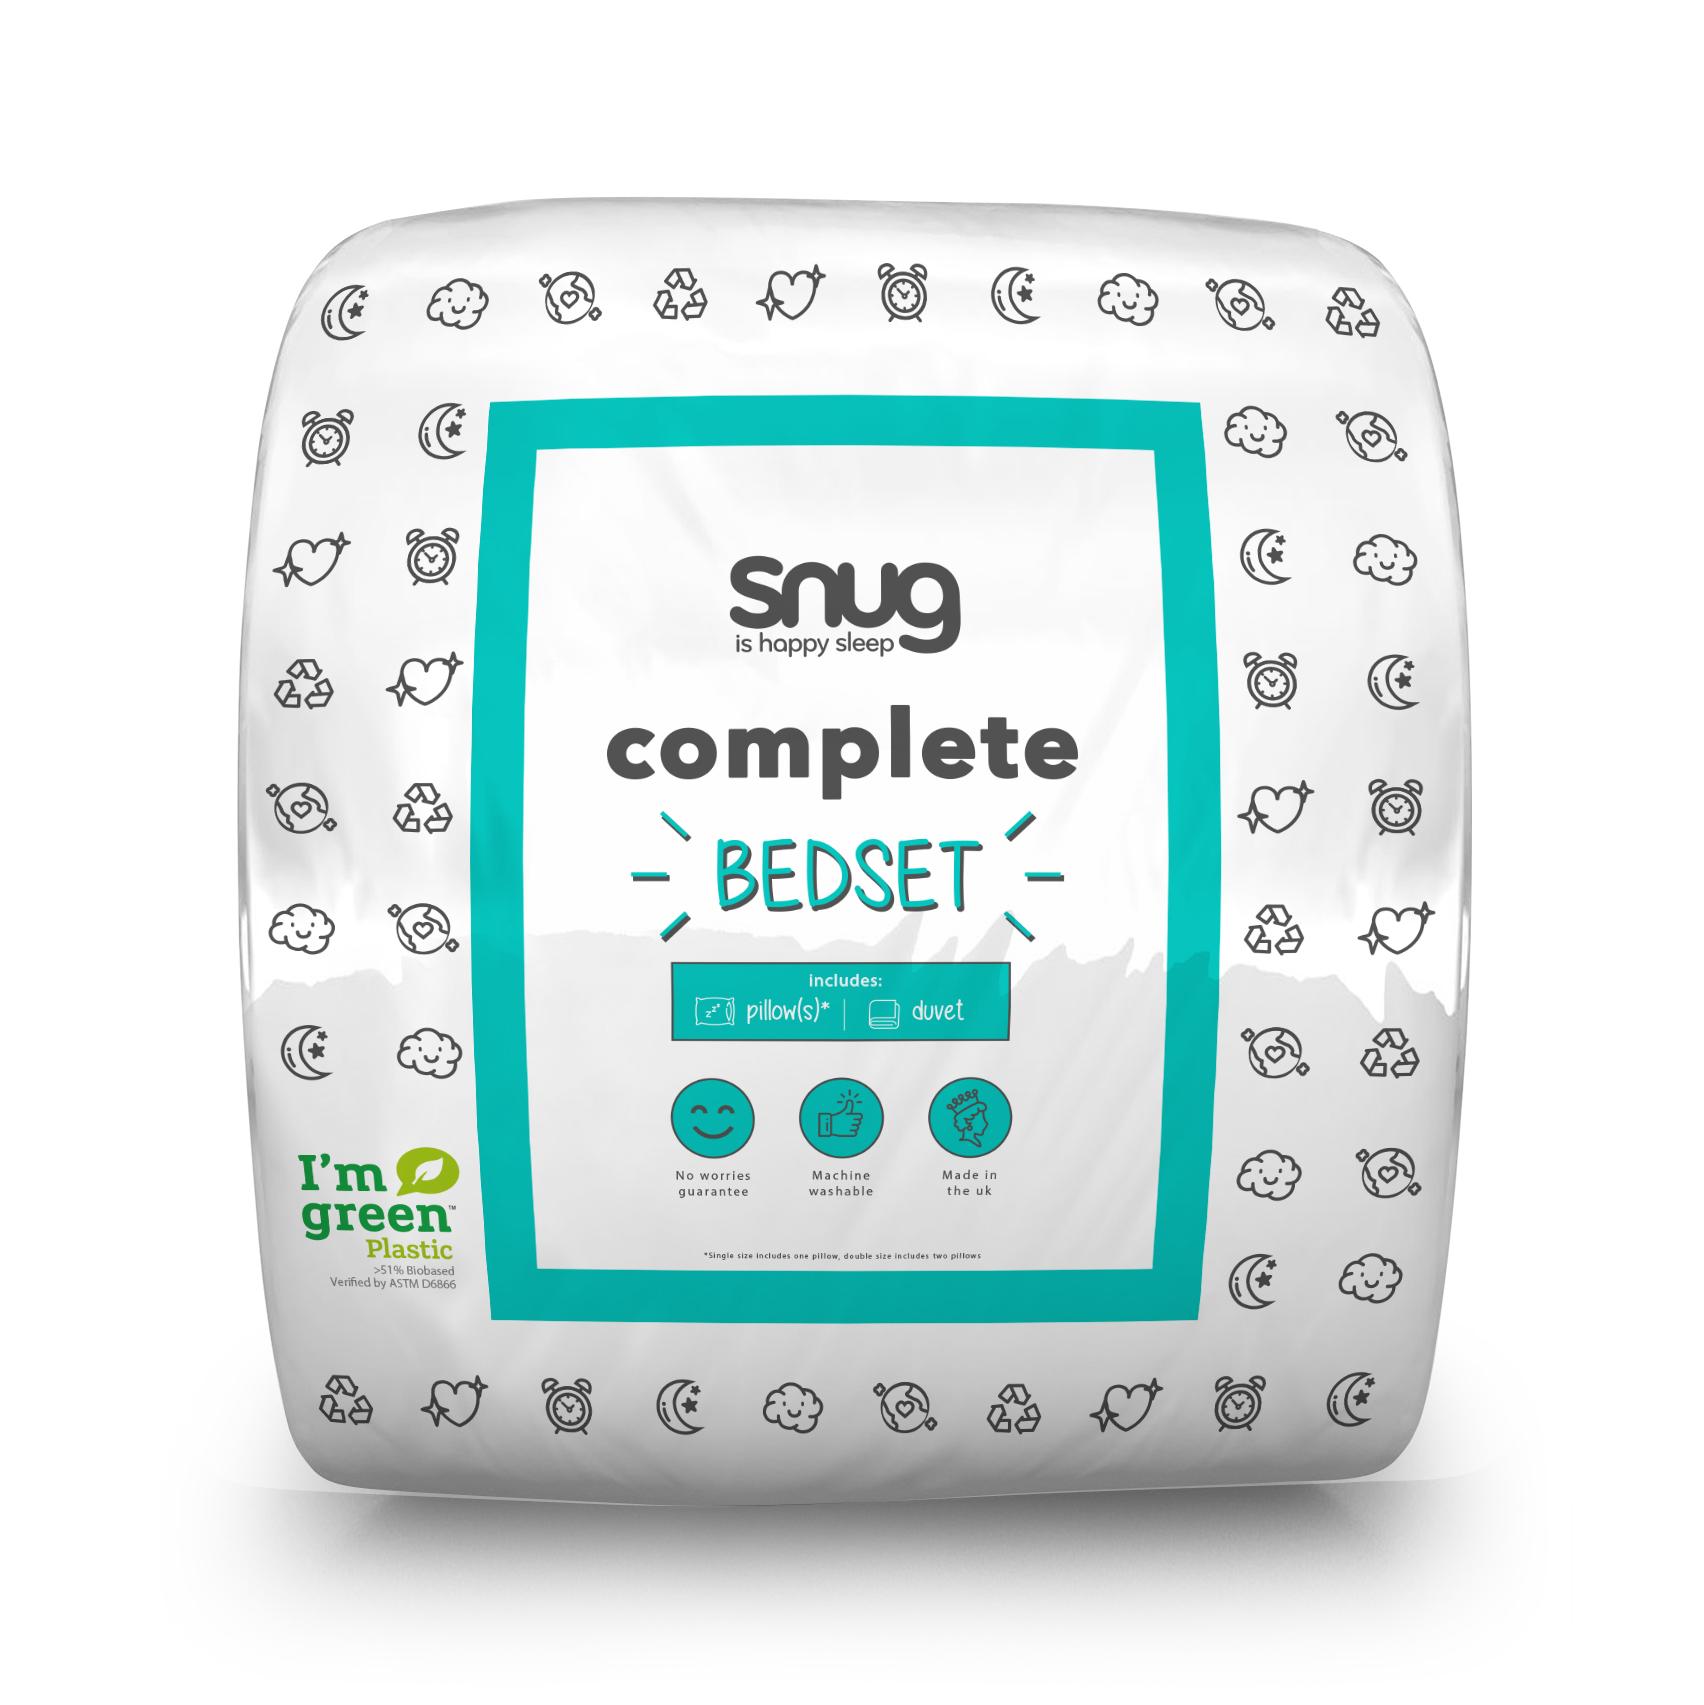 Snug Complete 10.5 tog Bedset